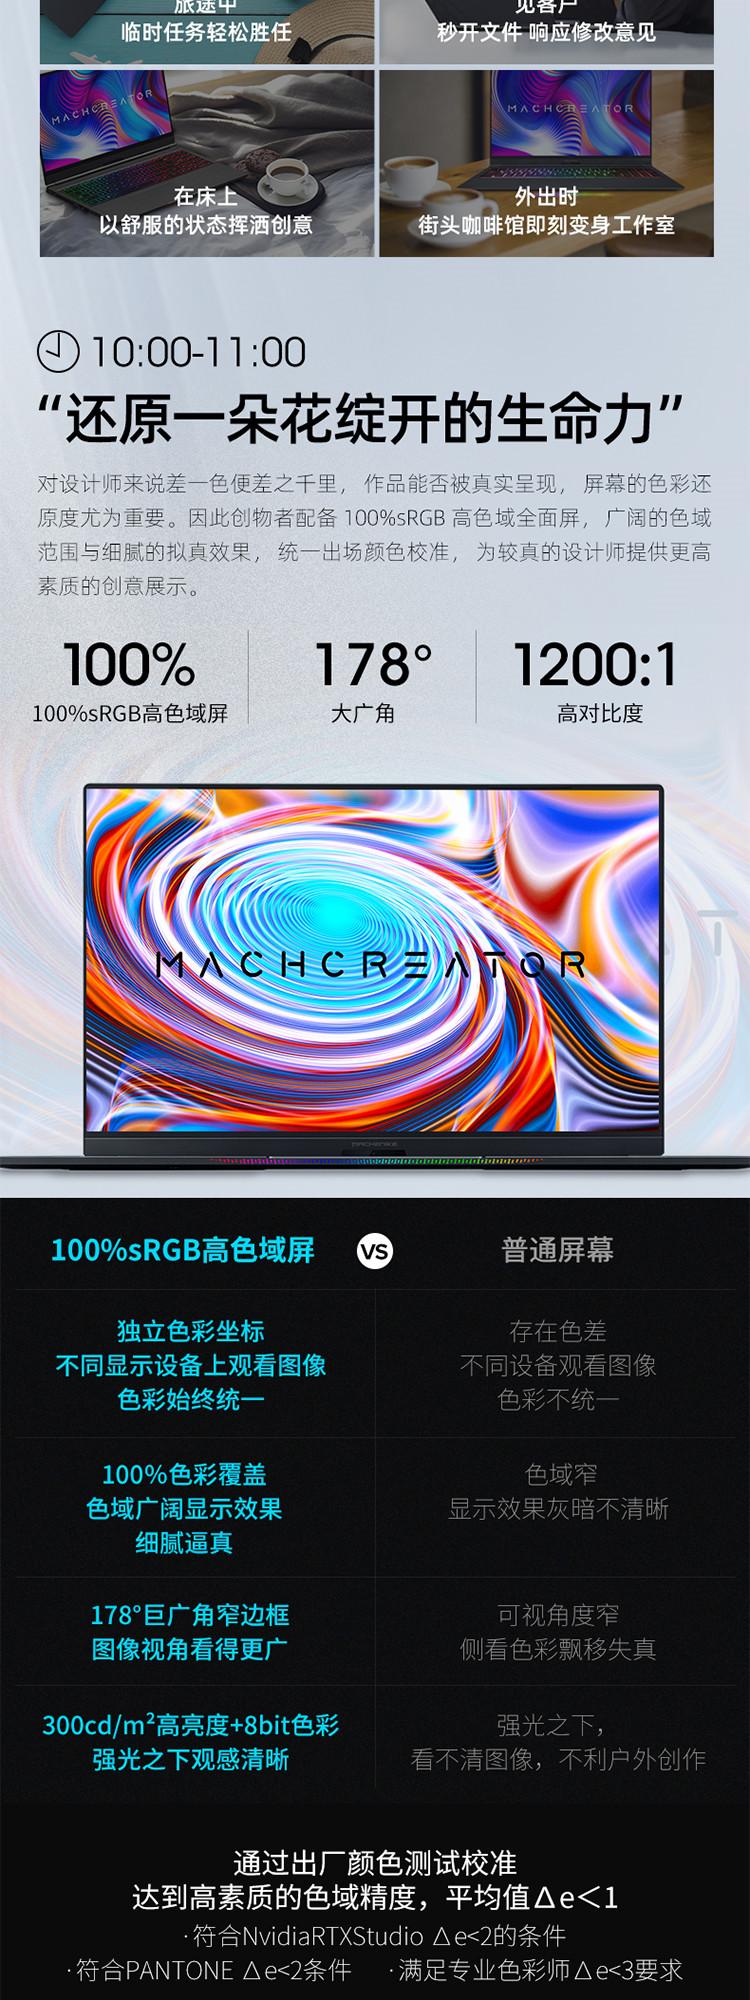 机械师MACHCREATOR创物者 设计/游戏 双能本 约18.2mm镁质轻薄 15..6 144Hz电竞屏